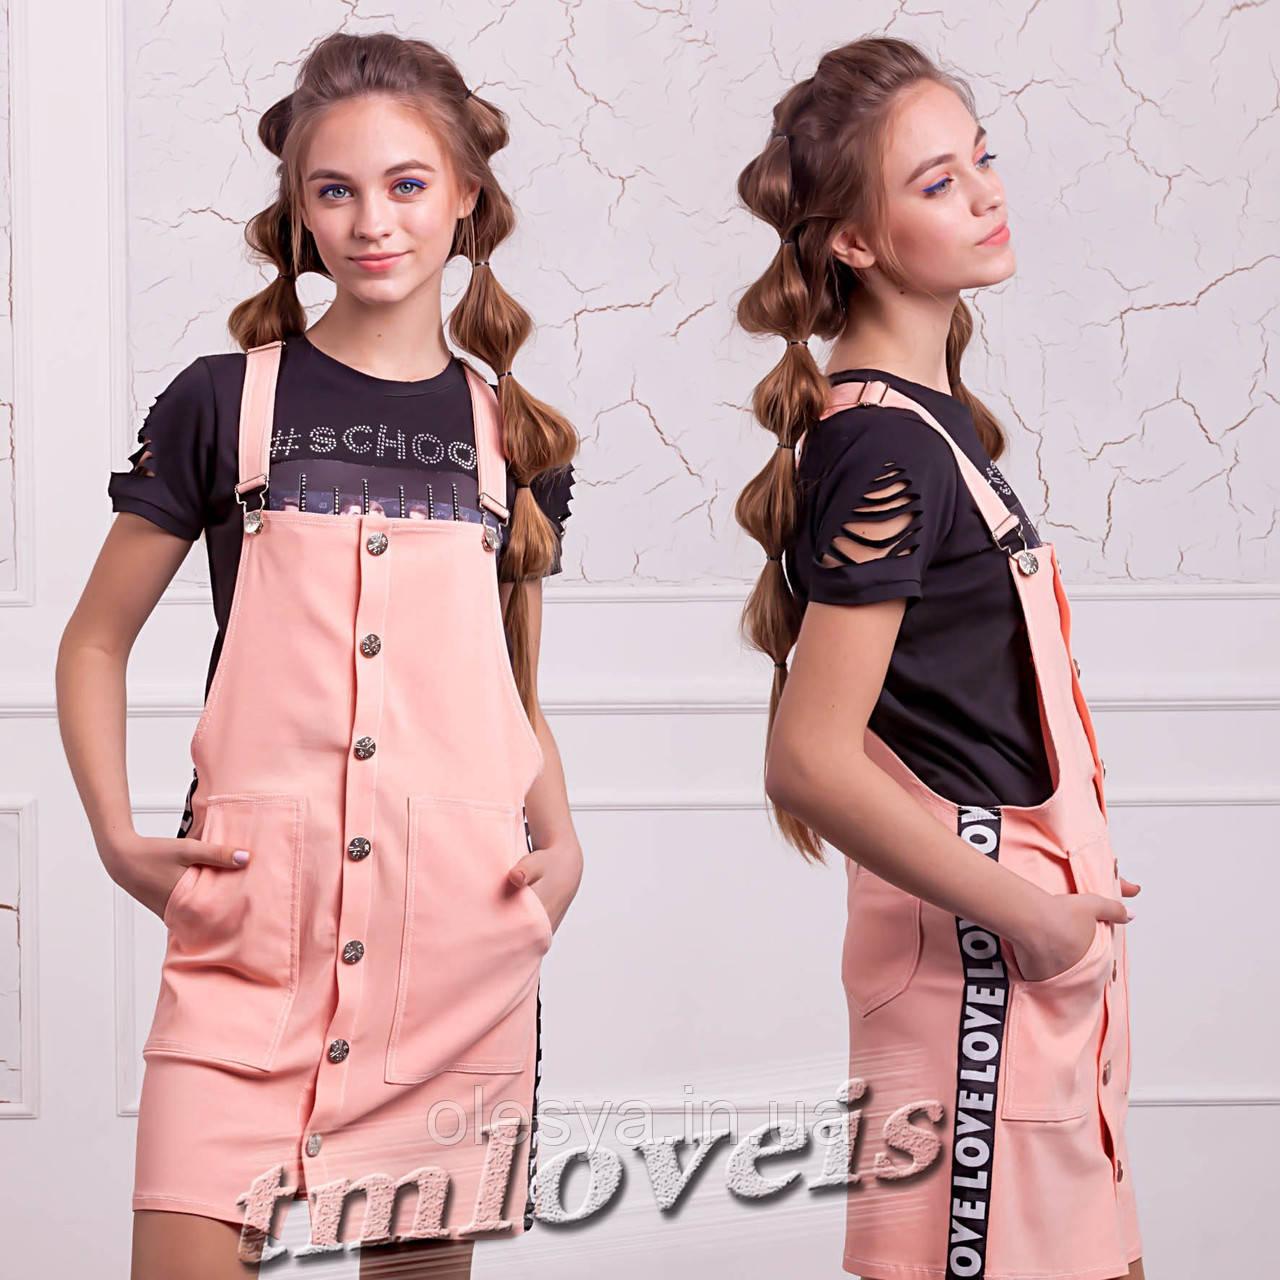 Сарафан SweetLove персик для девочек tm Loveis Размеры 140- 170